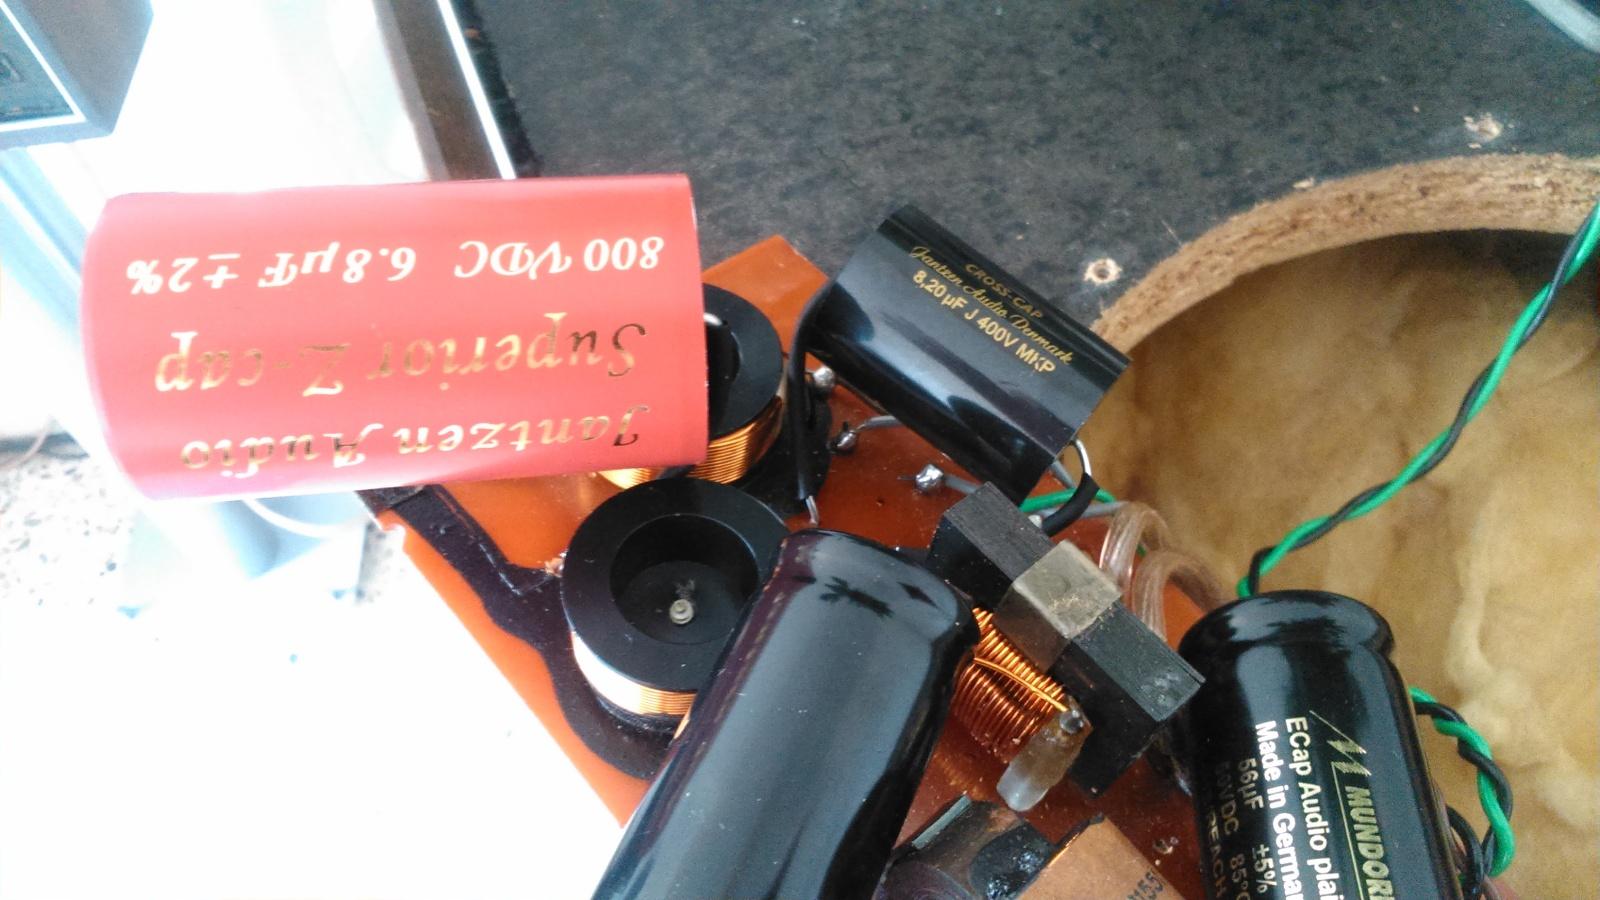 Jantzen Superior Z-Cap instalados...Primeras impresiones...tiempo de rodaje? 11i3foh